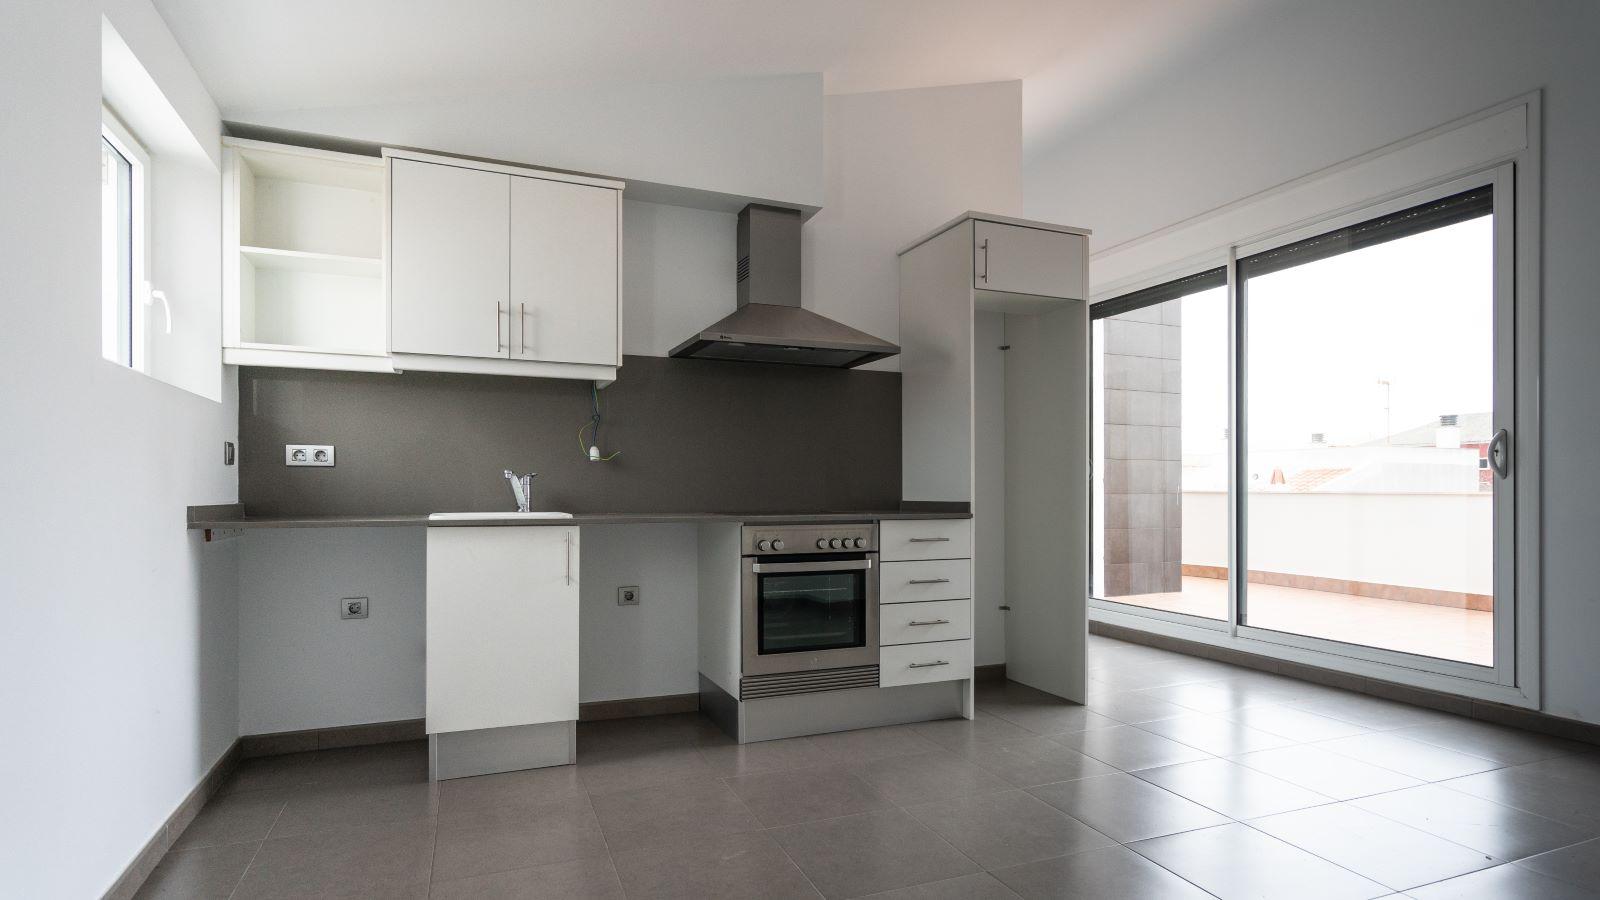 Flat in Es Castell Ref: V2138 (16) 2